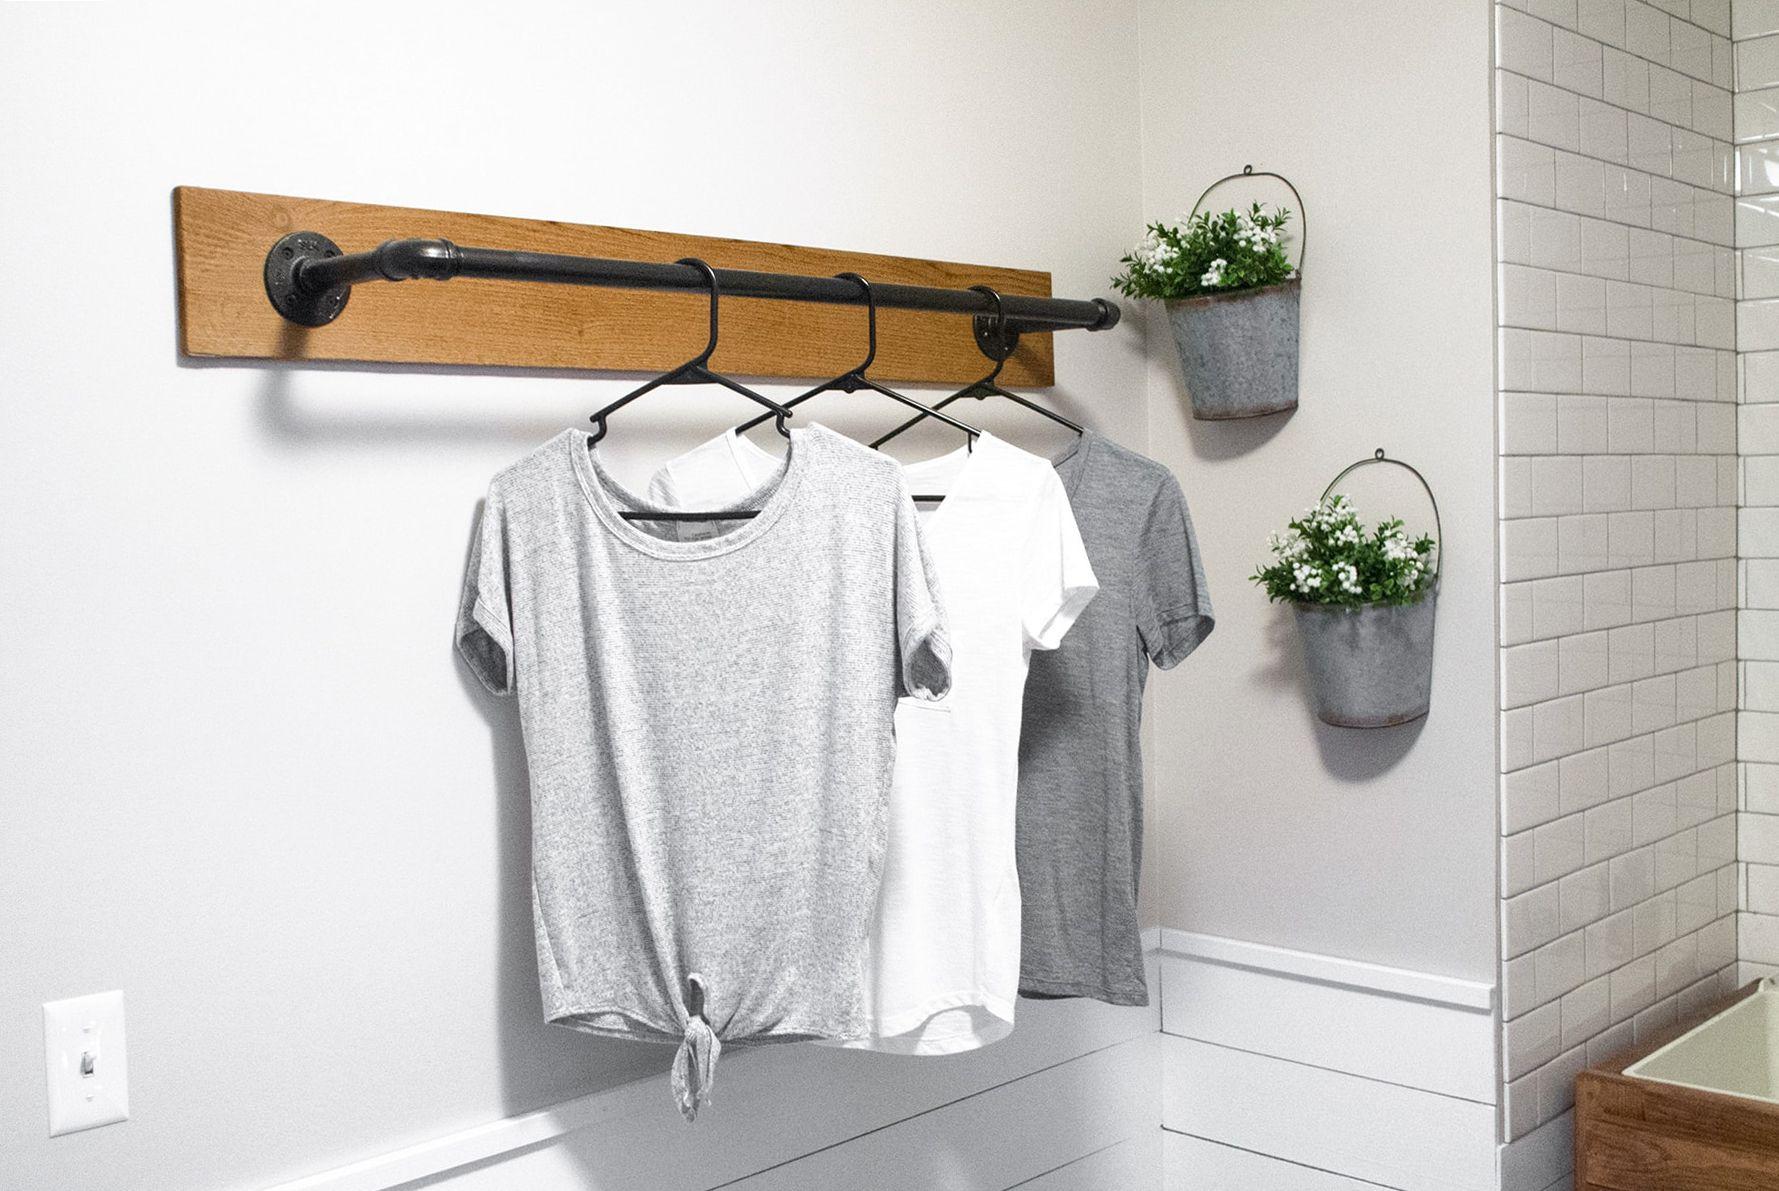 Diy wall mounted clothing rack diy wall wall mount and walls